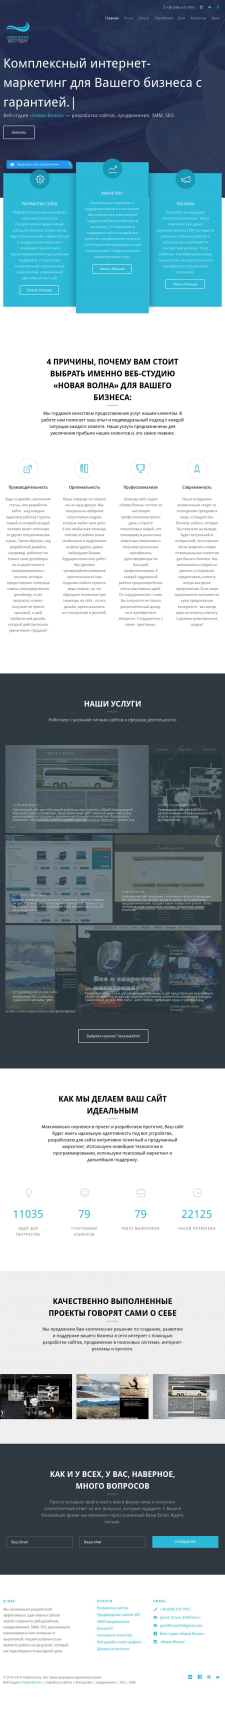 Веб-студия «Новая Волна» — разработка сайтов